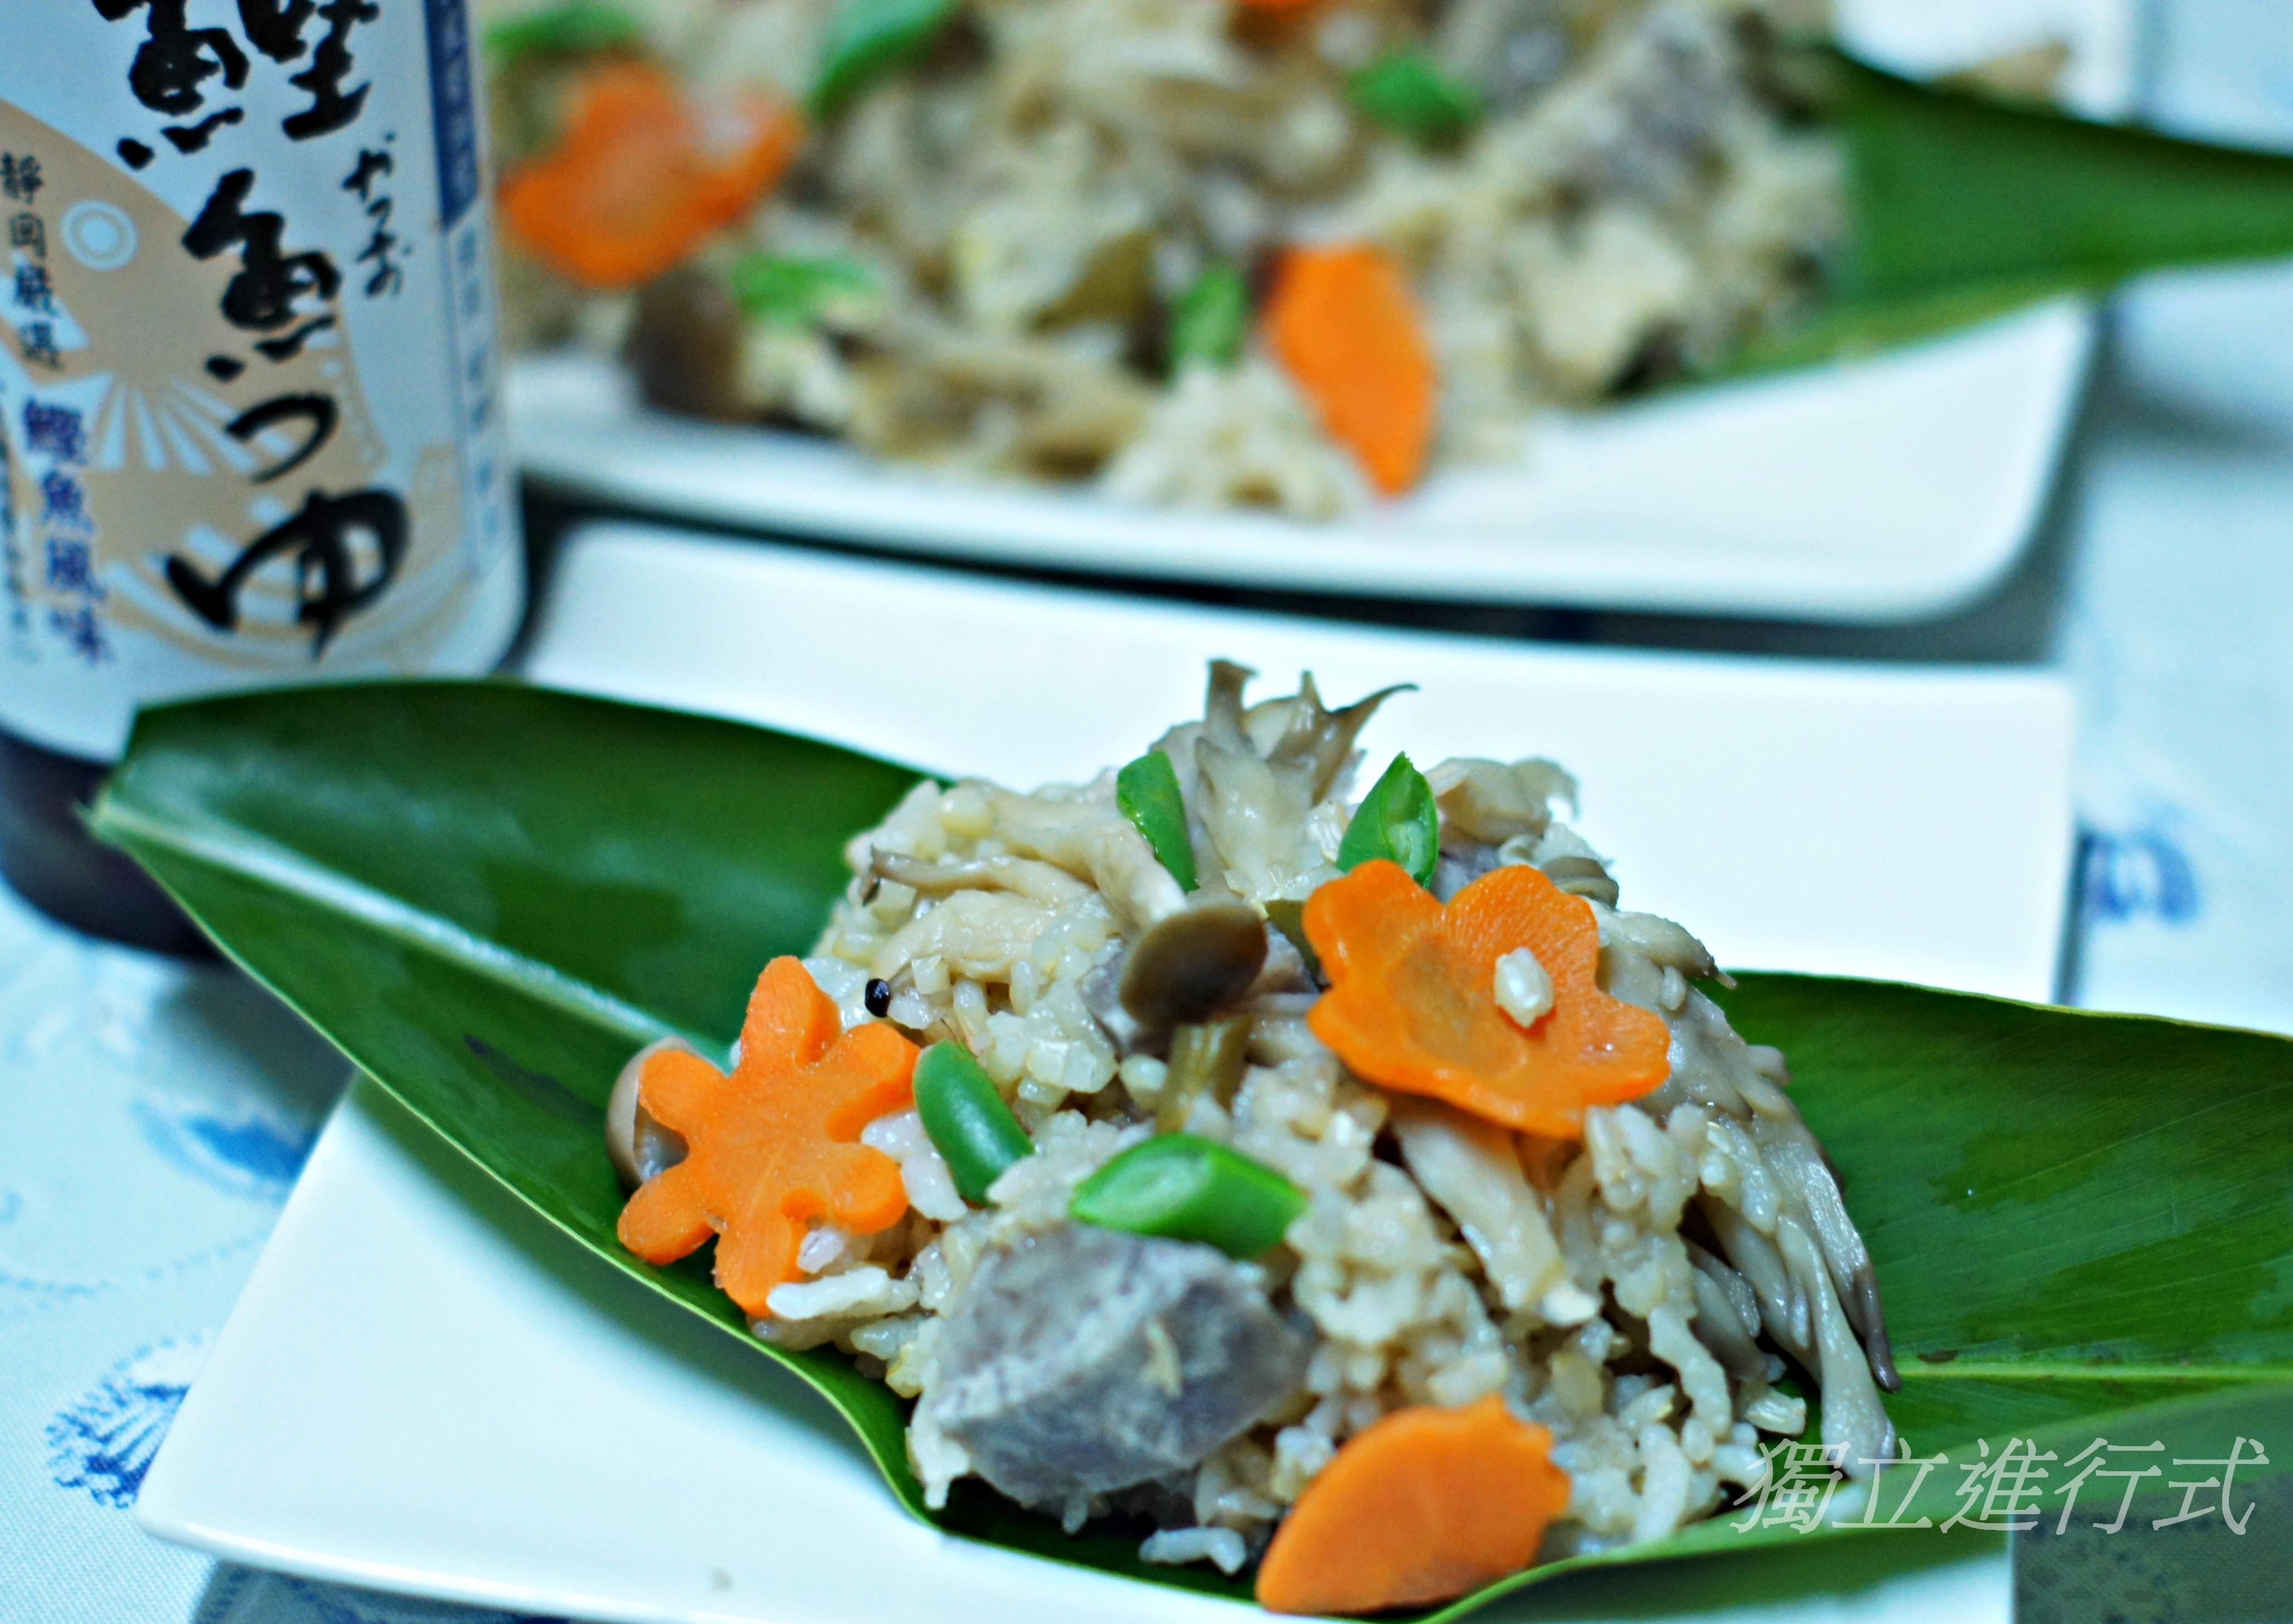 日式雜炊竽菇飯~淬釀日式下午茶點